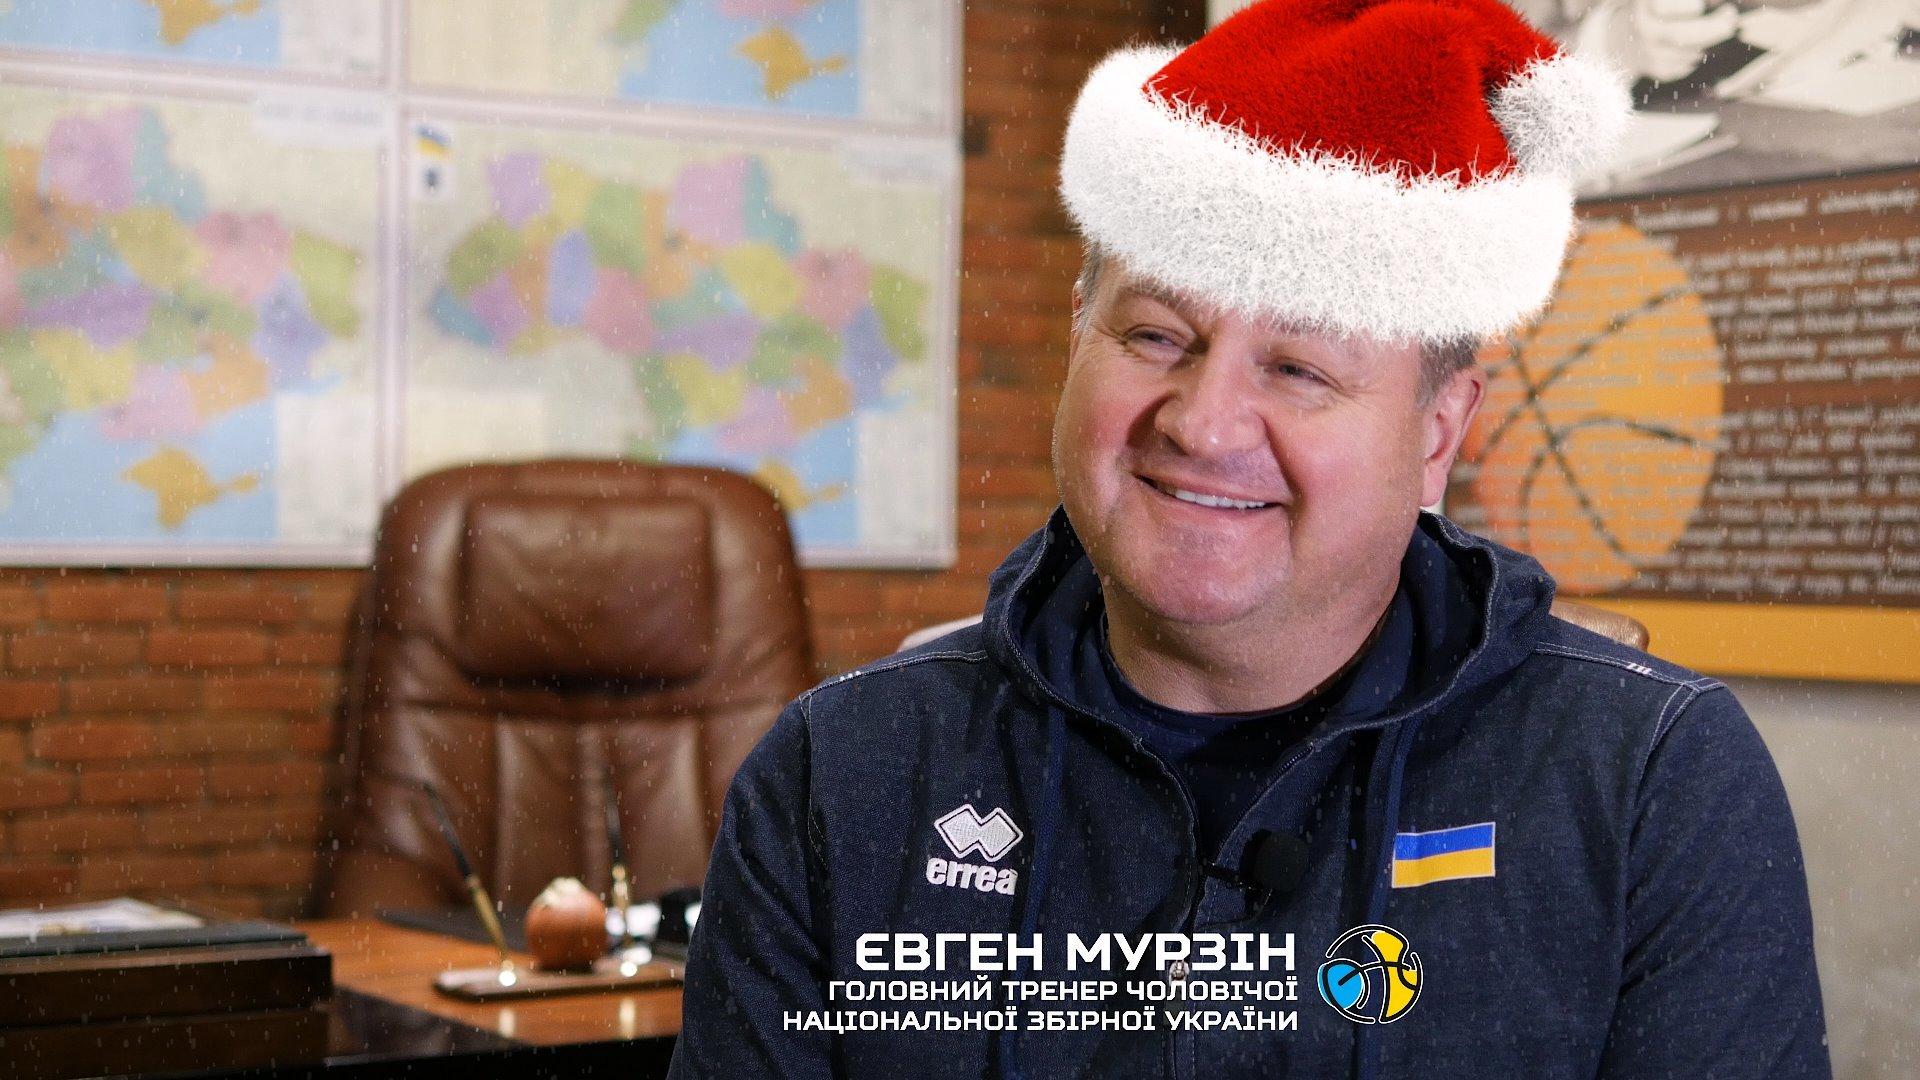 Новорічне привітання від Євгена Мурзіна: відео